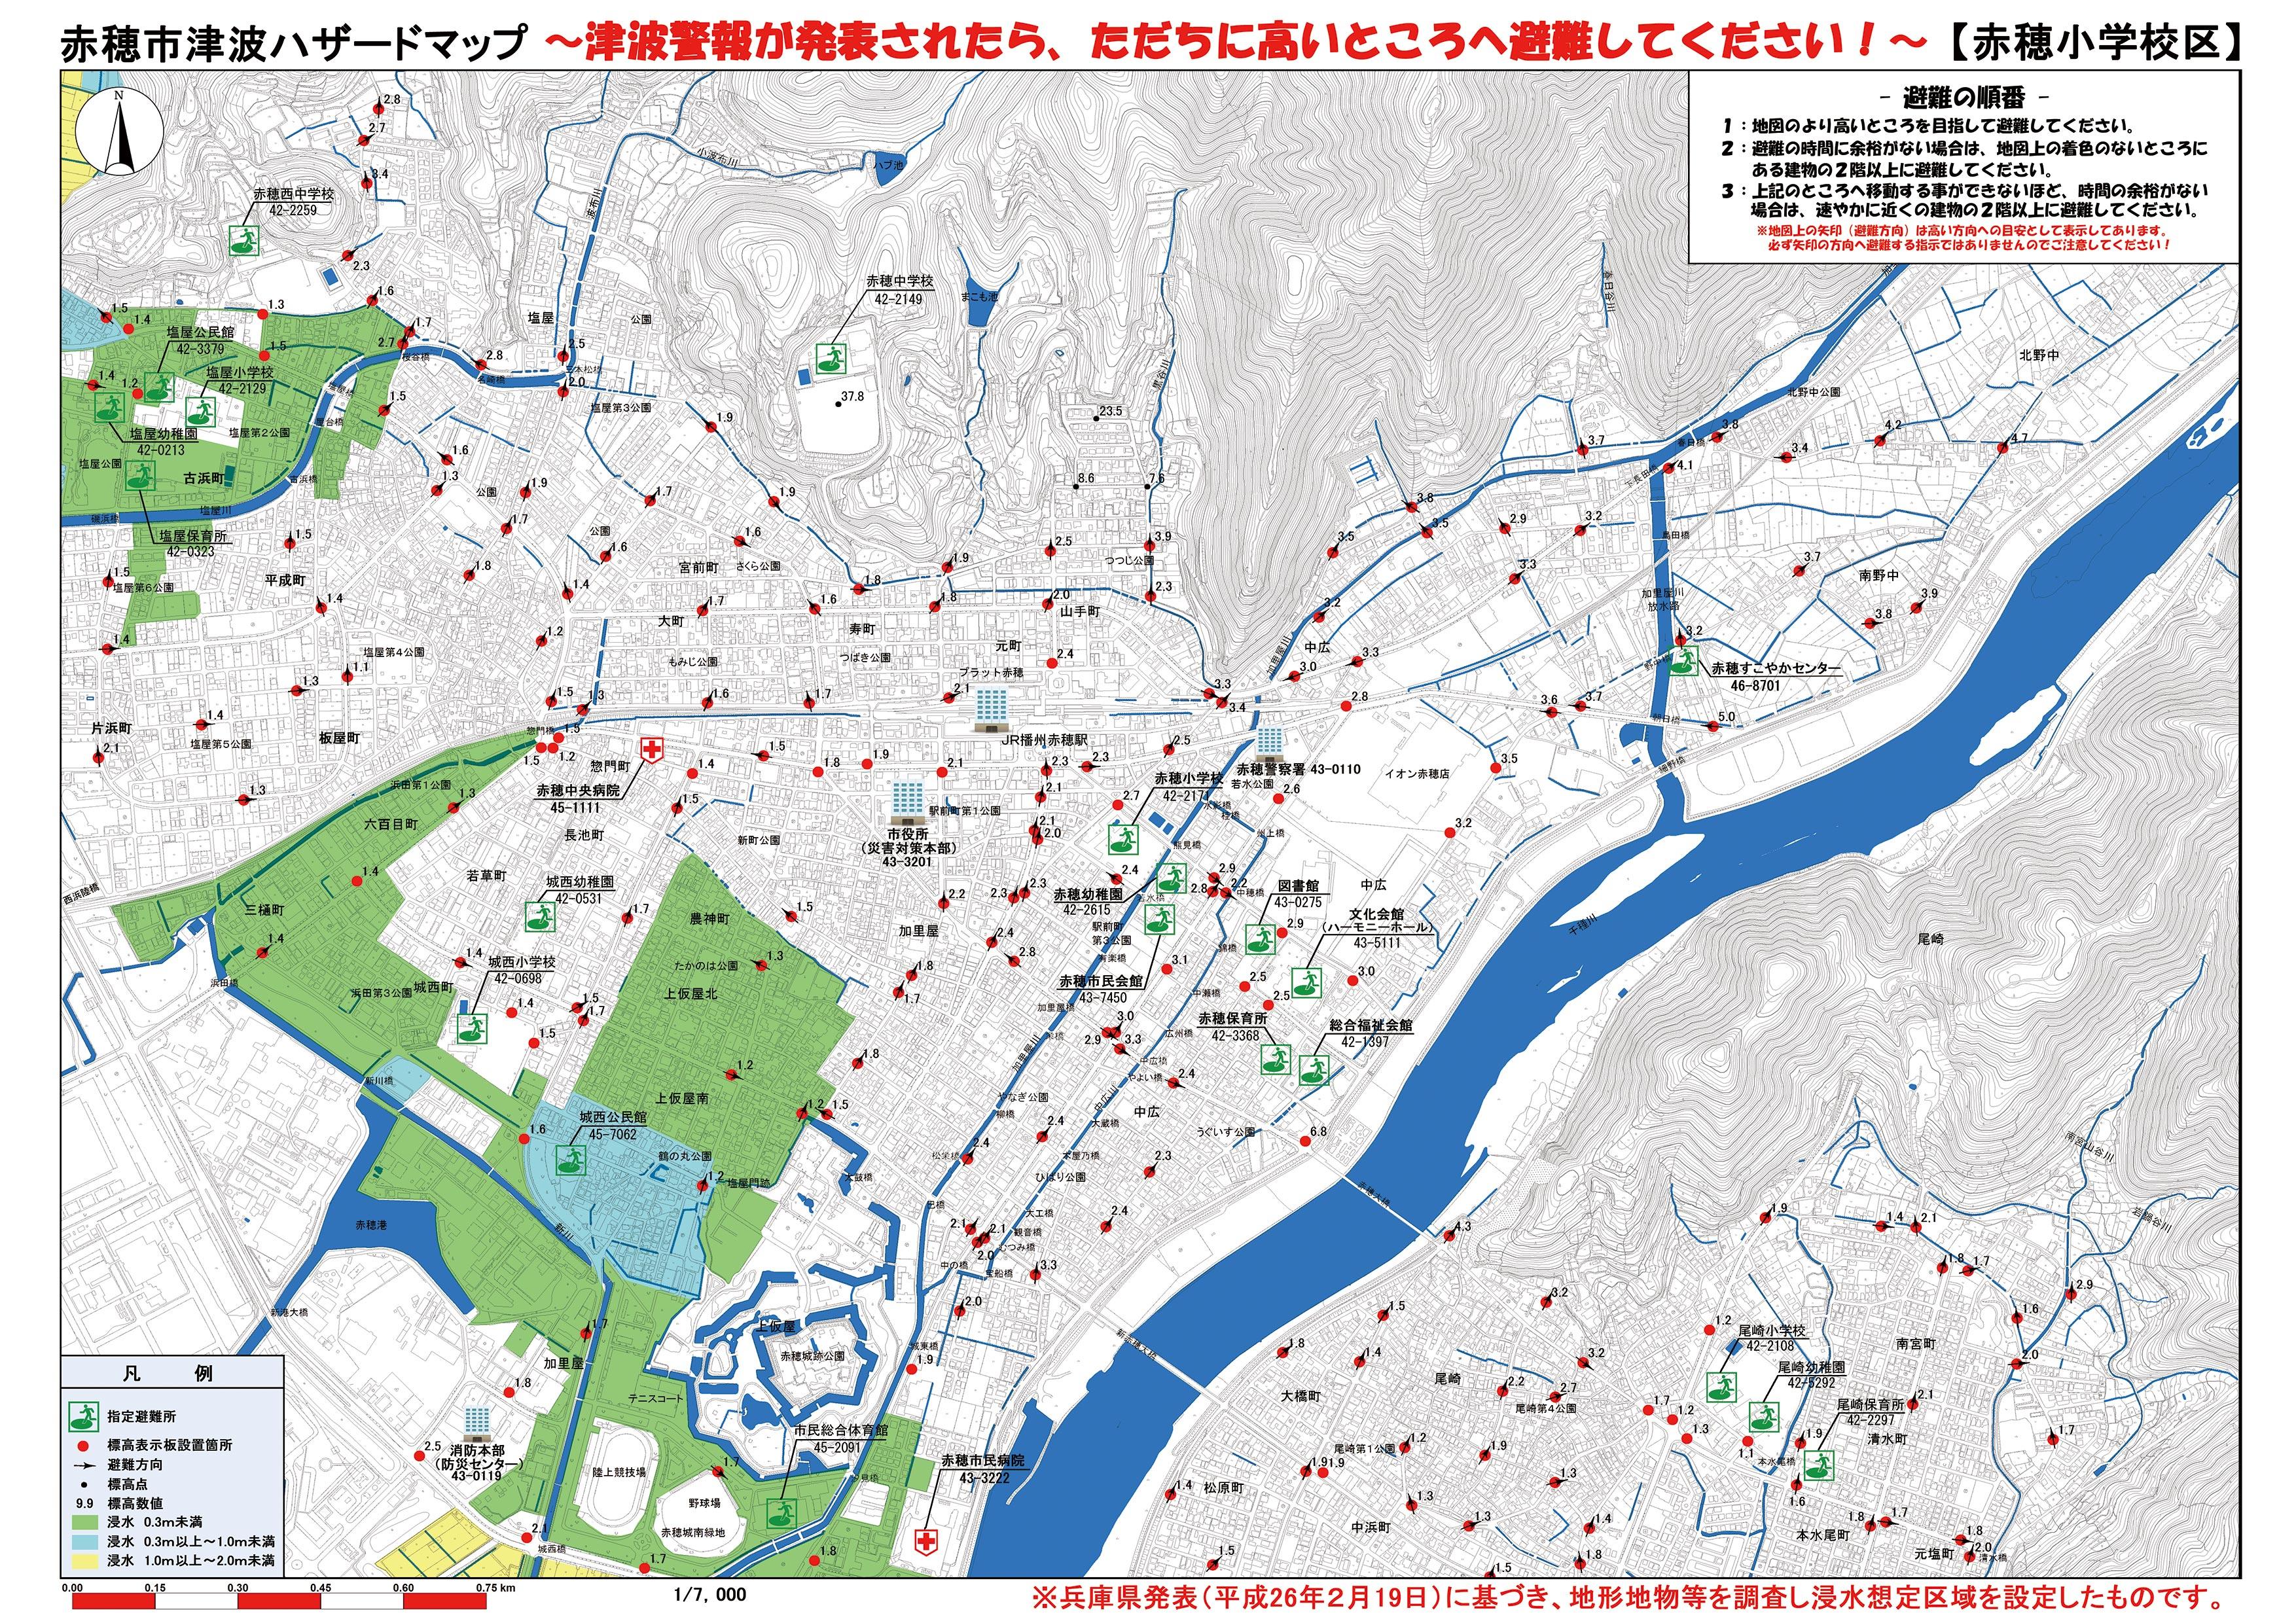 西 東京 市 ハザード マップ